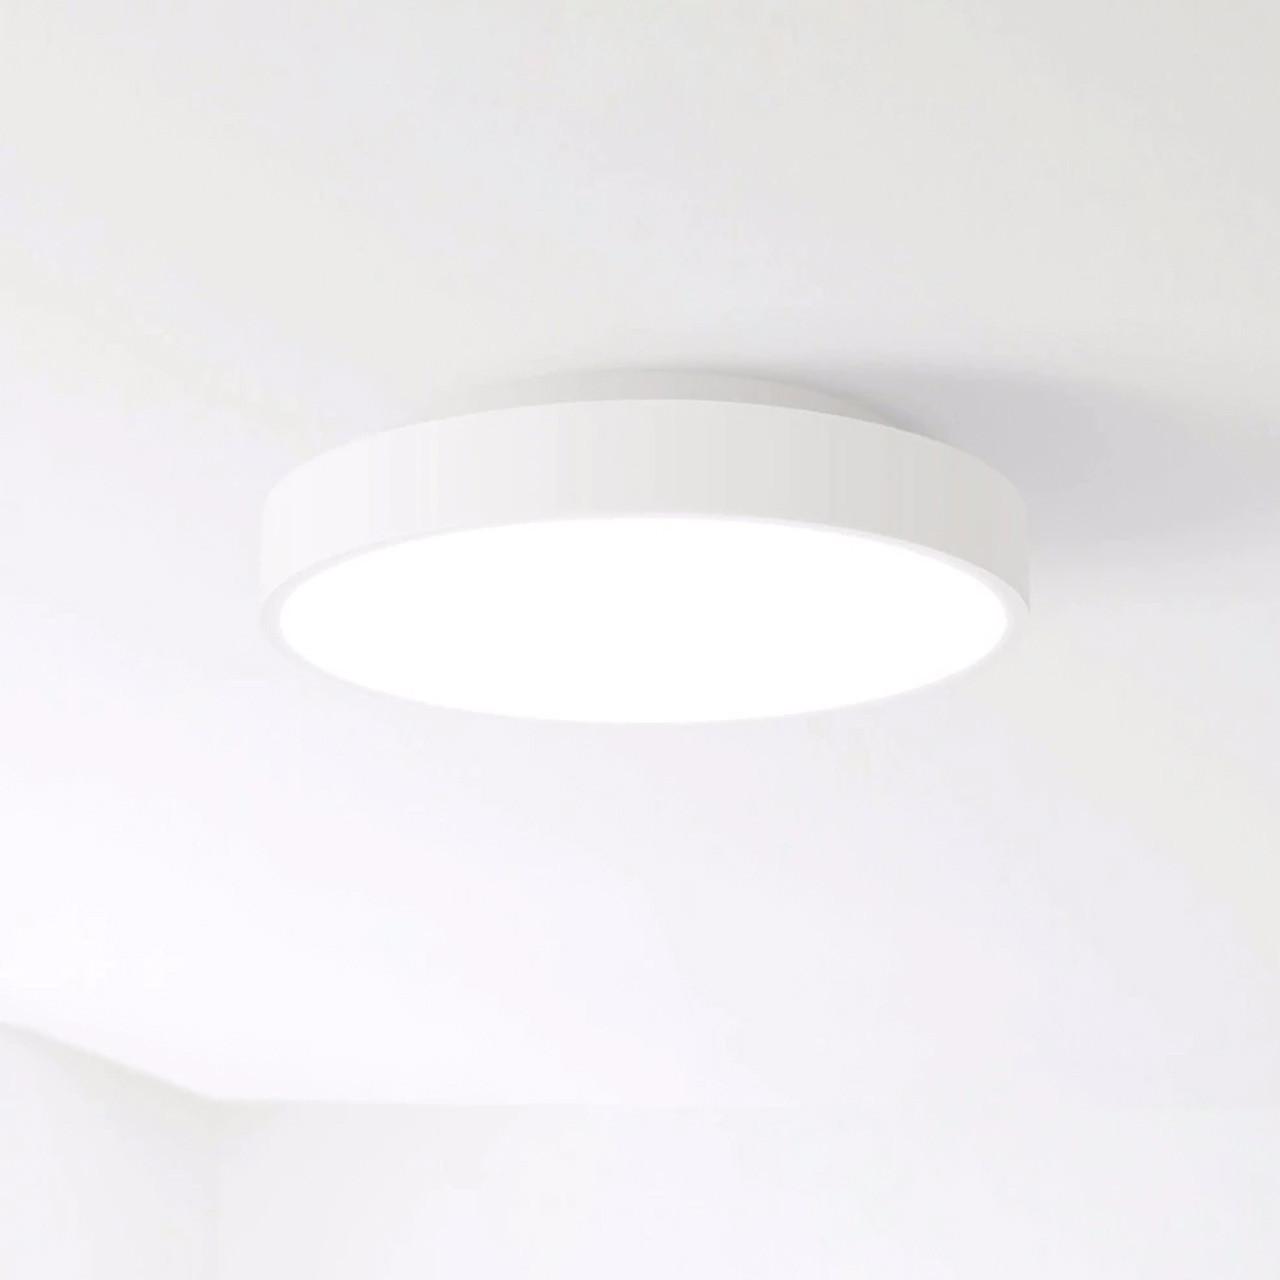 Потолочный смарт-светильник Xiaomi Yeelight Smart LED Ceiling Light 320 (YLXD01YL) White (3627-10322)